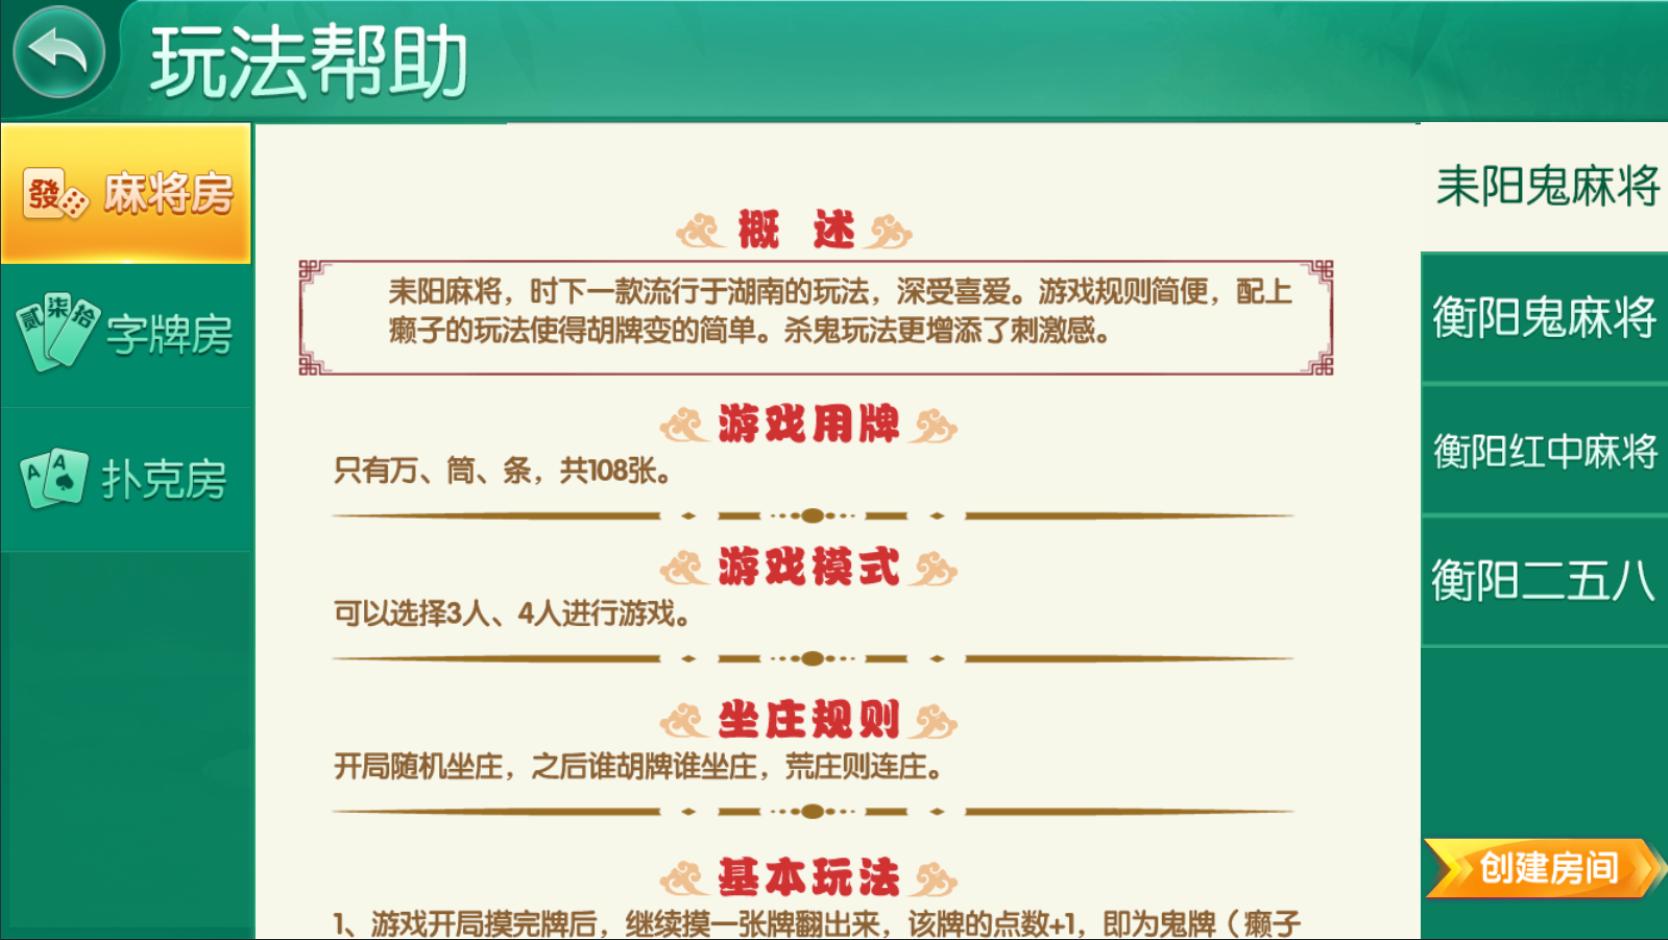 网狐二开跑胡子合集 麻将游戏 字牌游戏 扑克游戏 完整整理-第3张